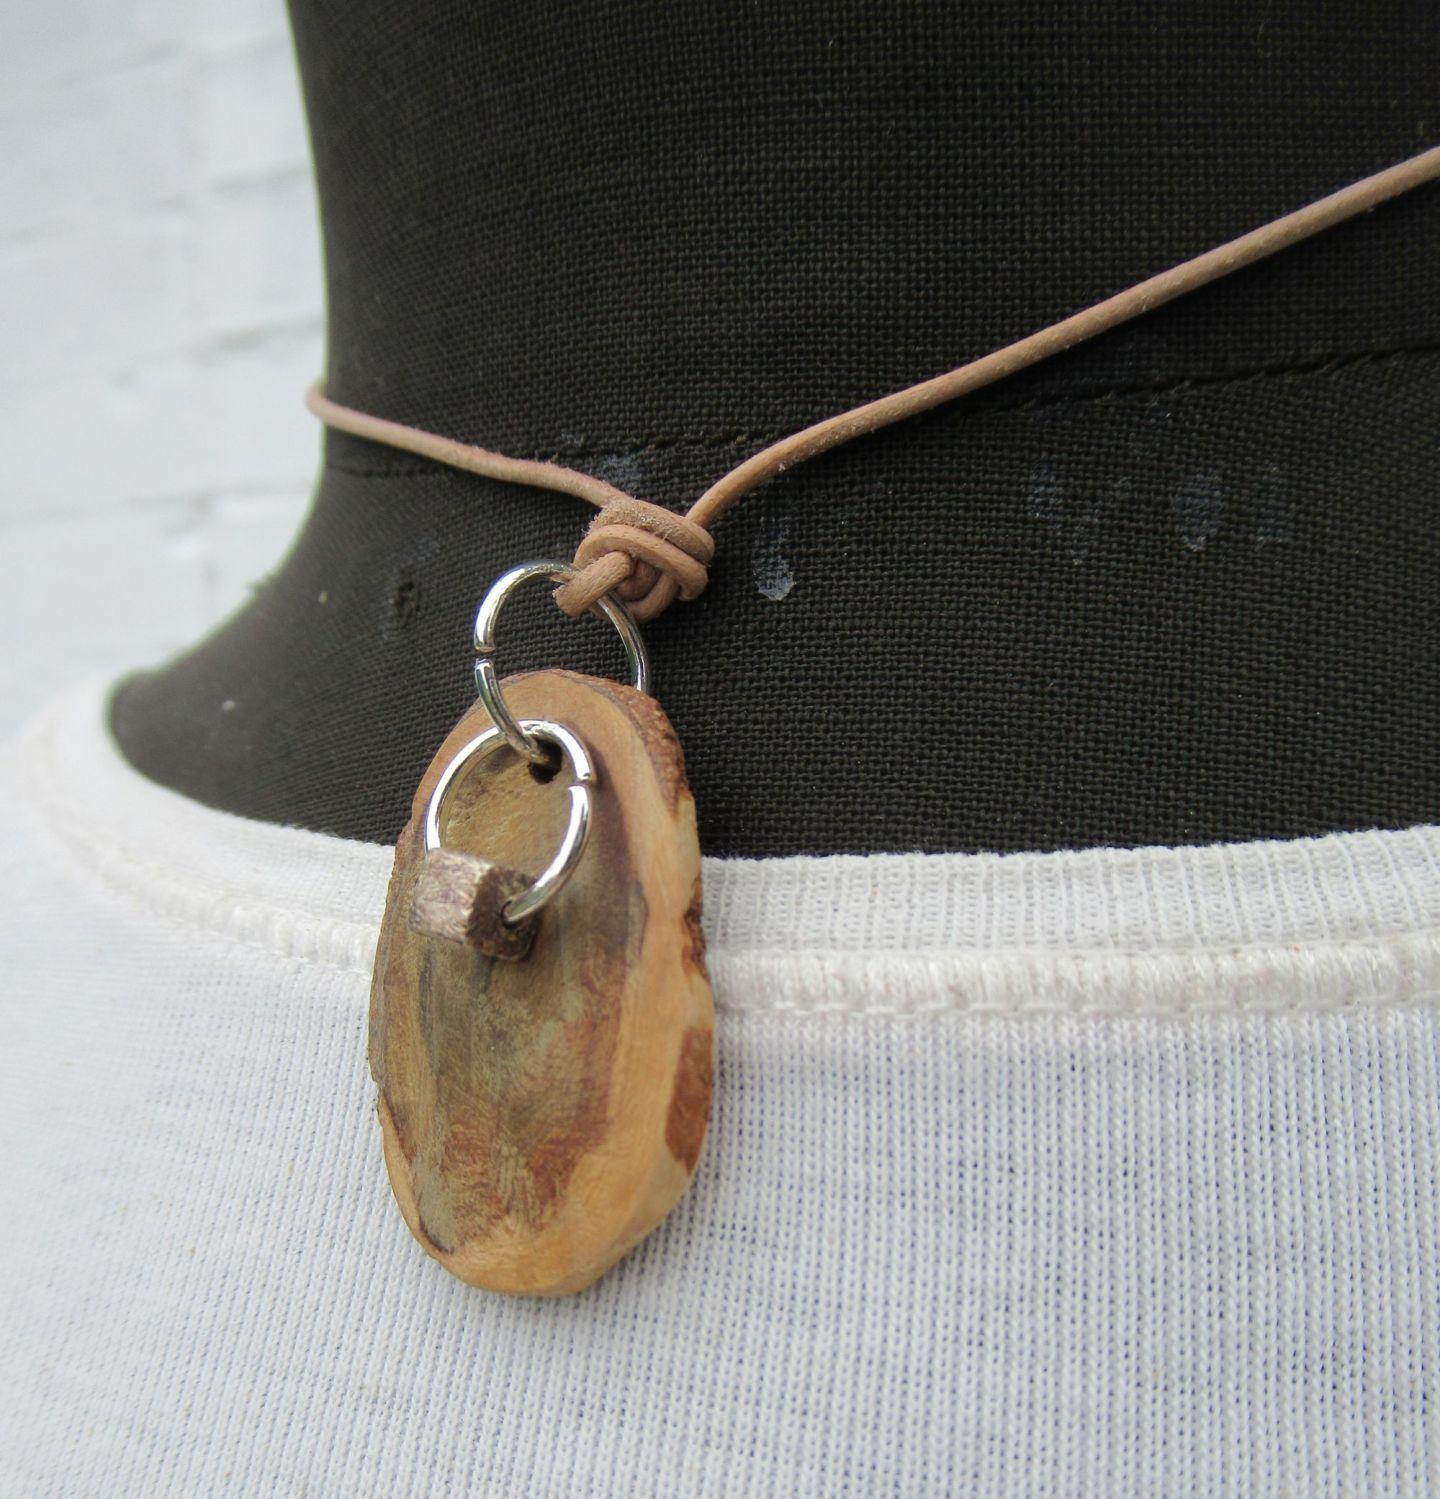 Diy Kettenanhänger aus einer Baumperle kombiniert mit einem kleinen Quadrat aus Silber